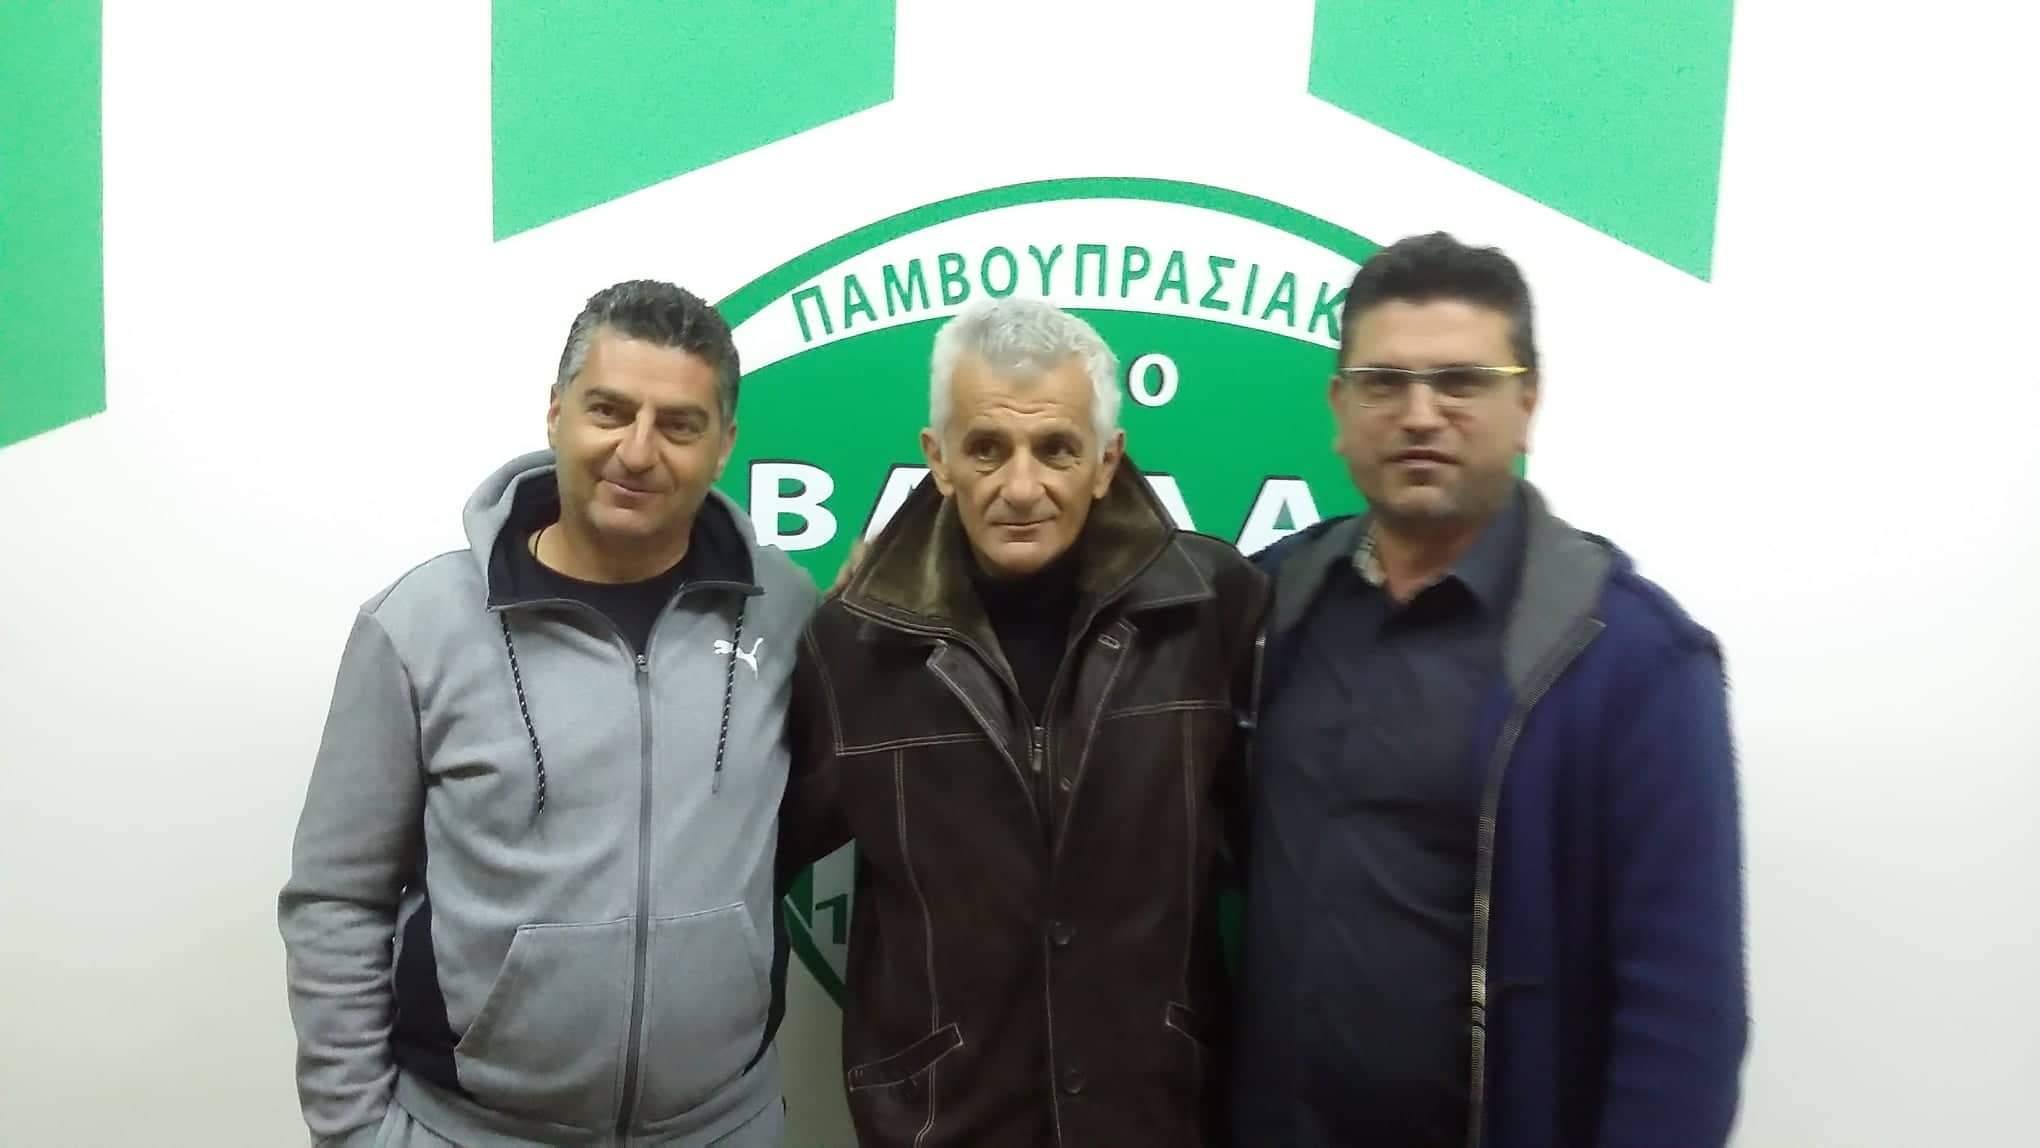 Έδωσαν τα χέρια με Τσίρκοβιτς στην Βάρδα!